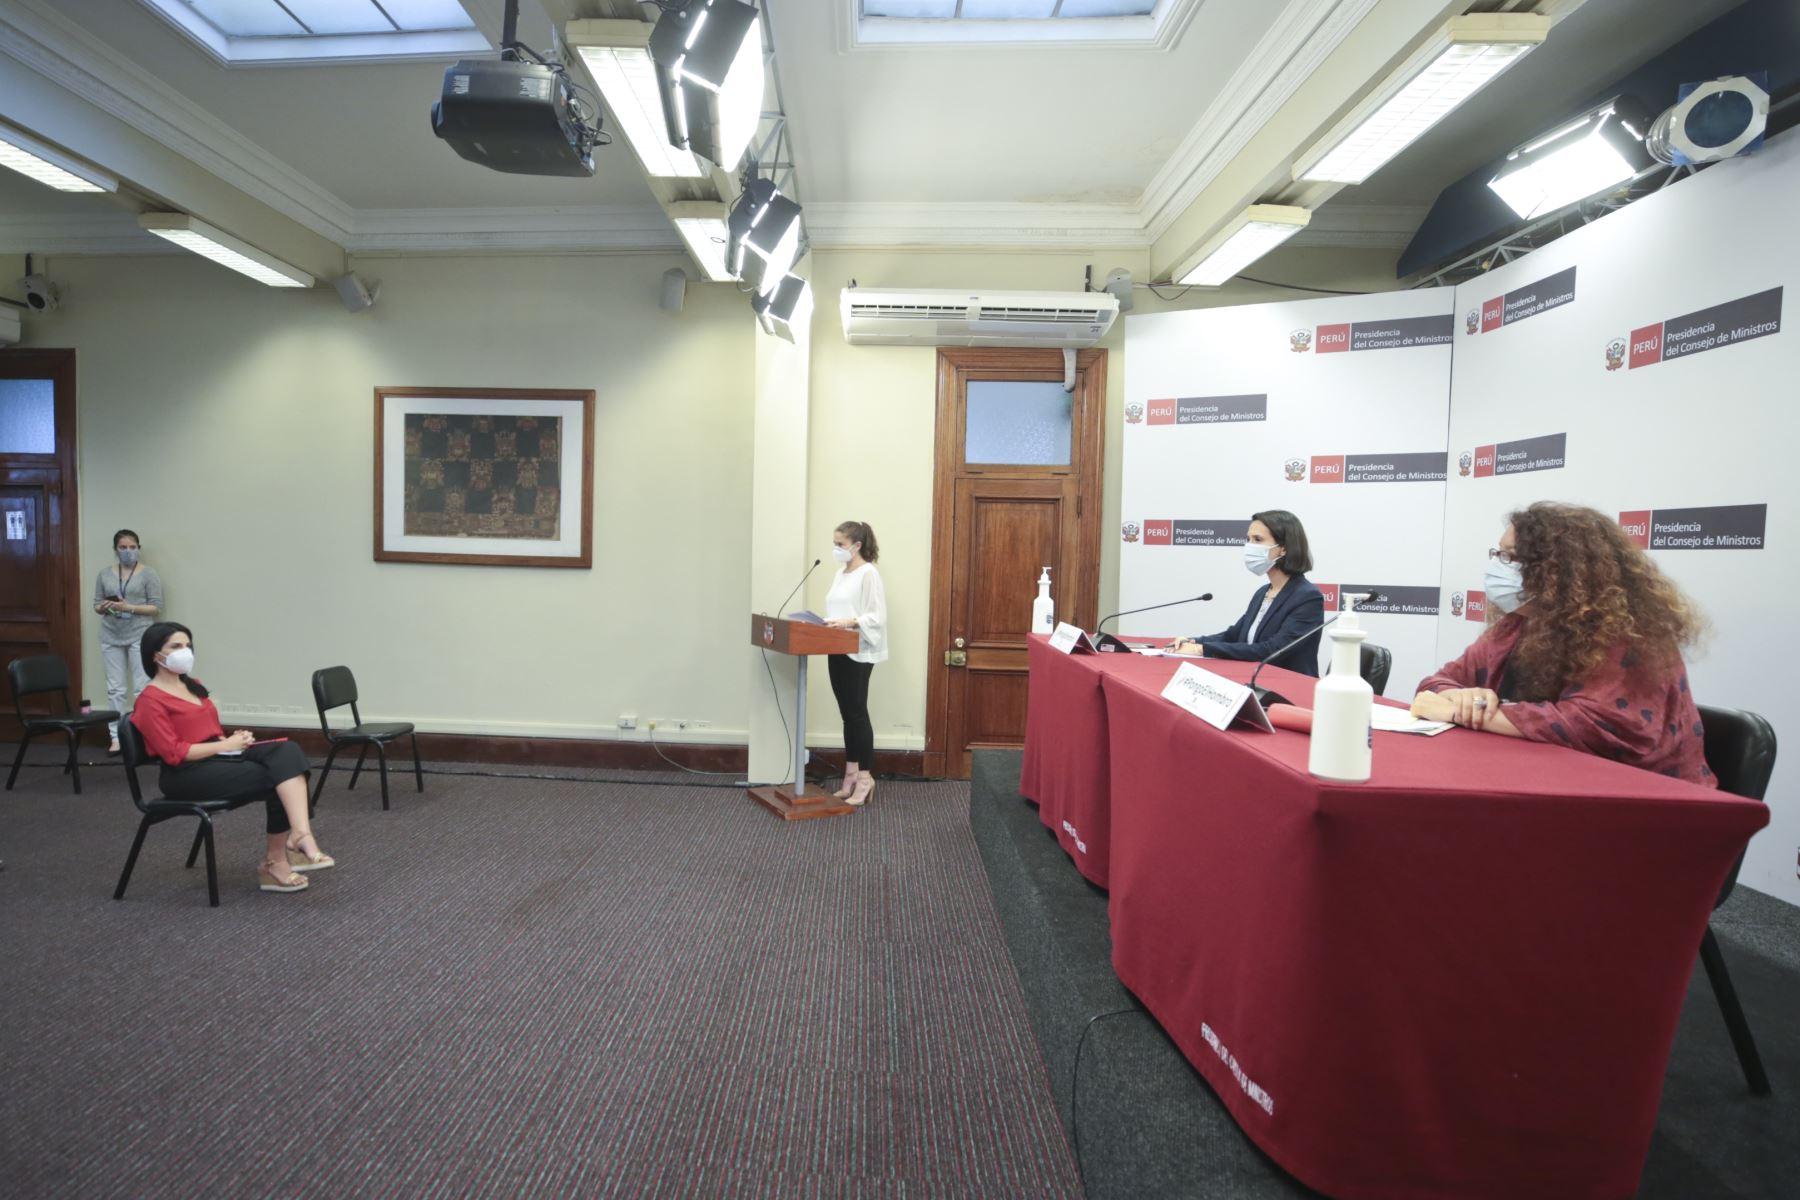 Ministra de Comercio Exterior, Claudia Cornejo y Ministra de Desarrollo e Inclusión Social, Silvana Vargas brindan conferencia de prensa para informar sobre balance de acciones realizadas por el ejecutivo frente a la pandemia. Foto PCM